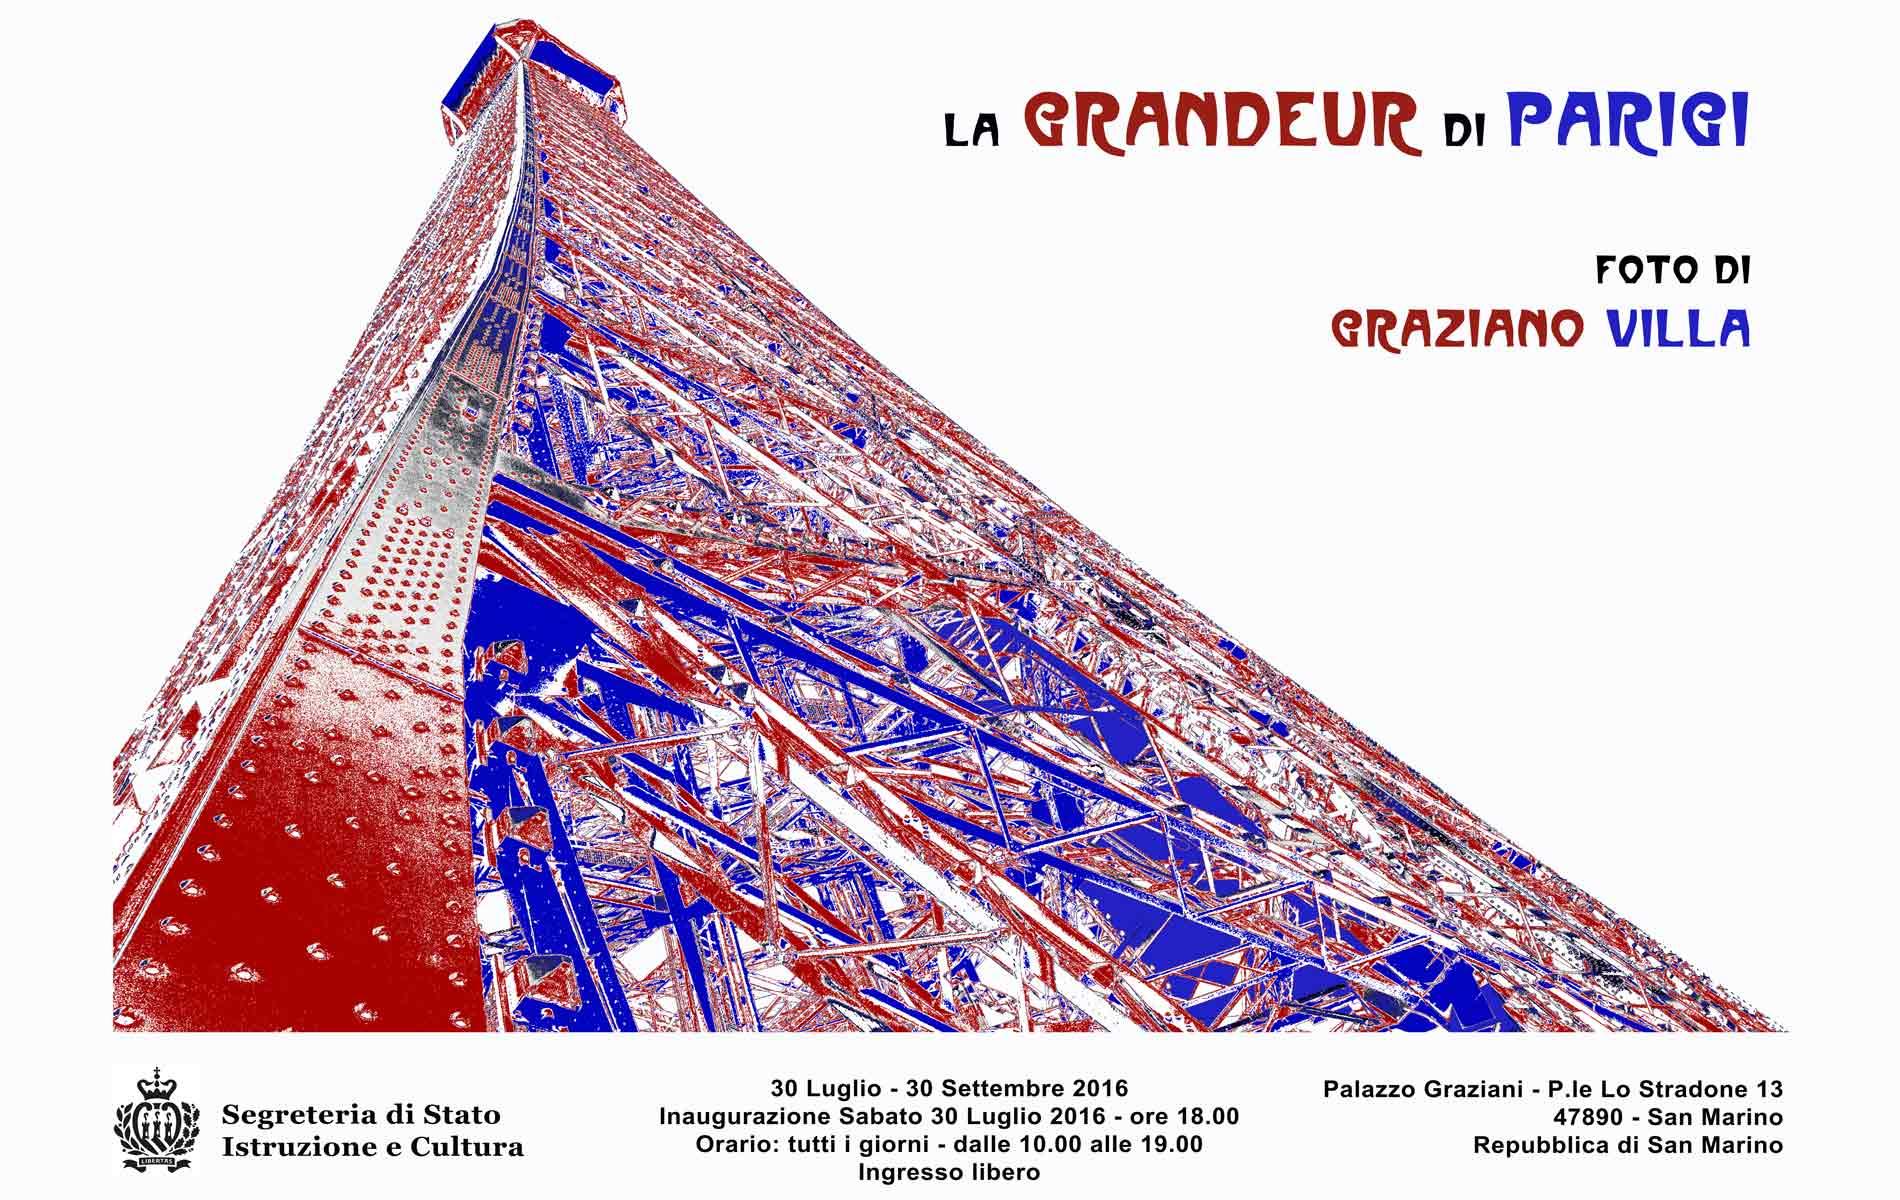 SAN MARINO_MOSTRA_La GRANDEUR di PARIGI - Cover del Catalogo - © Graziano Villa